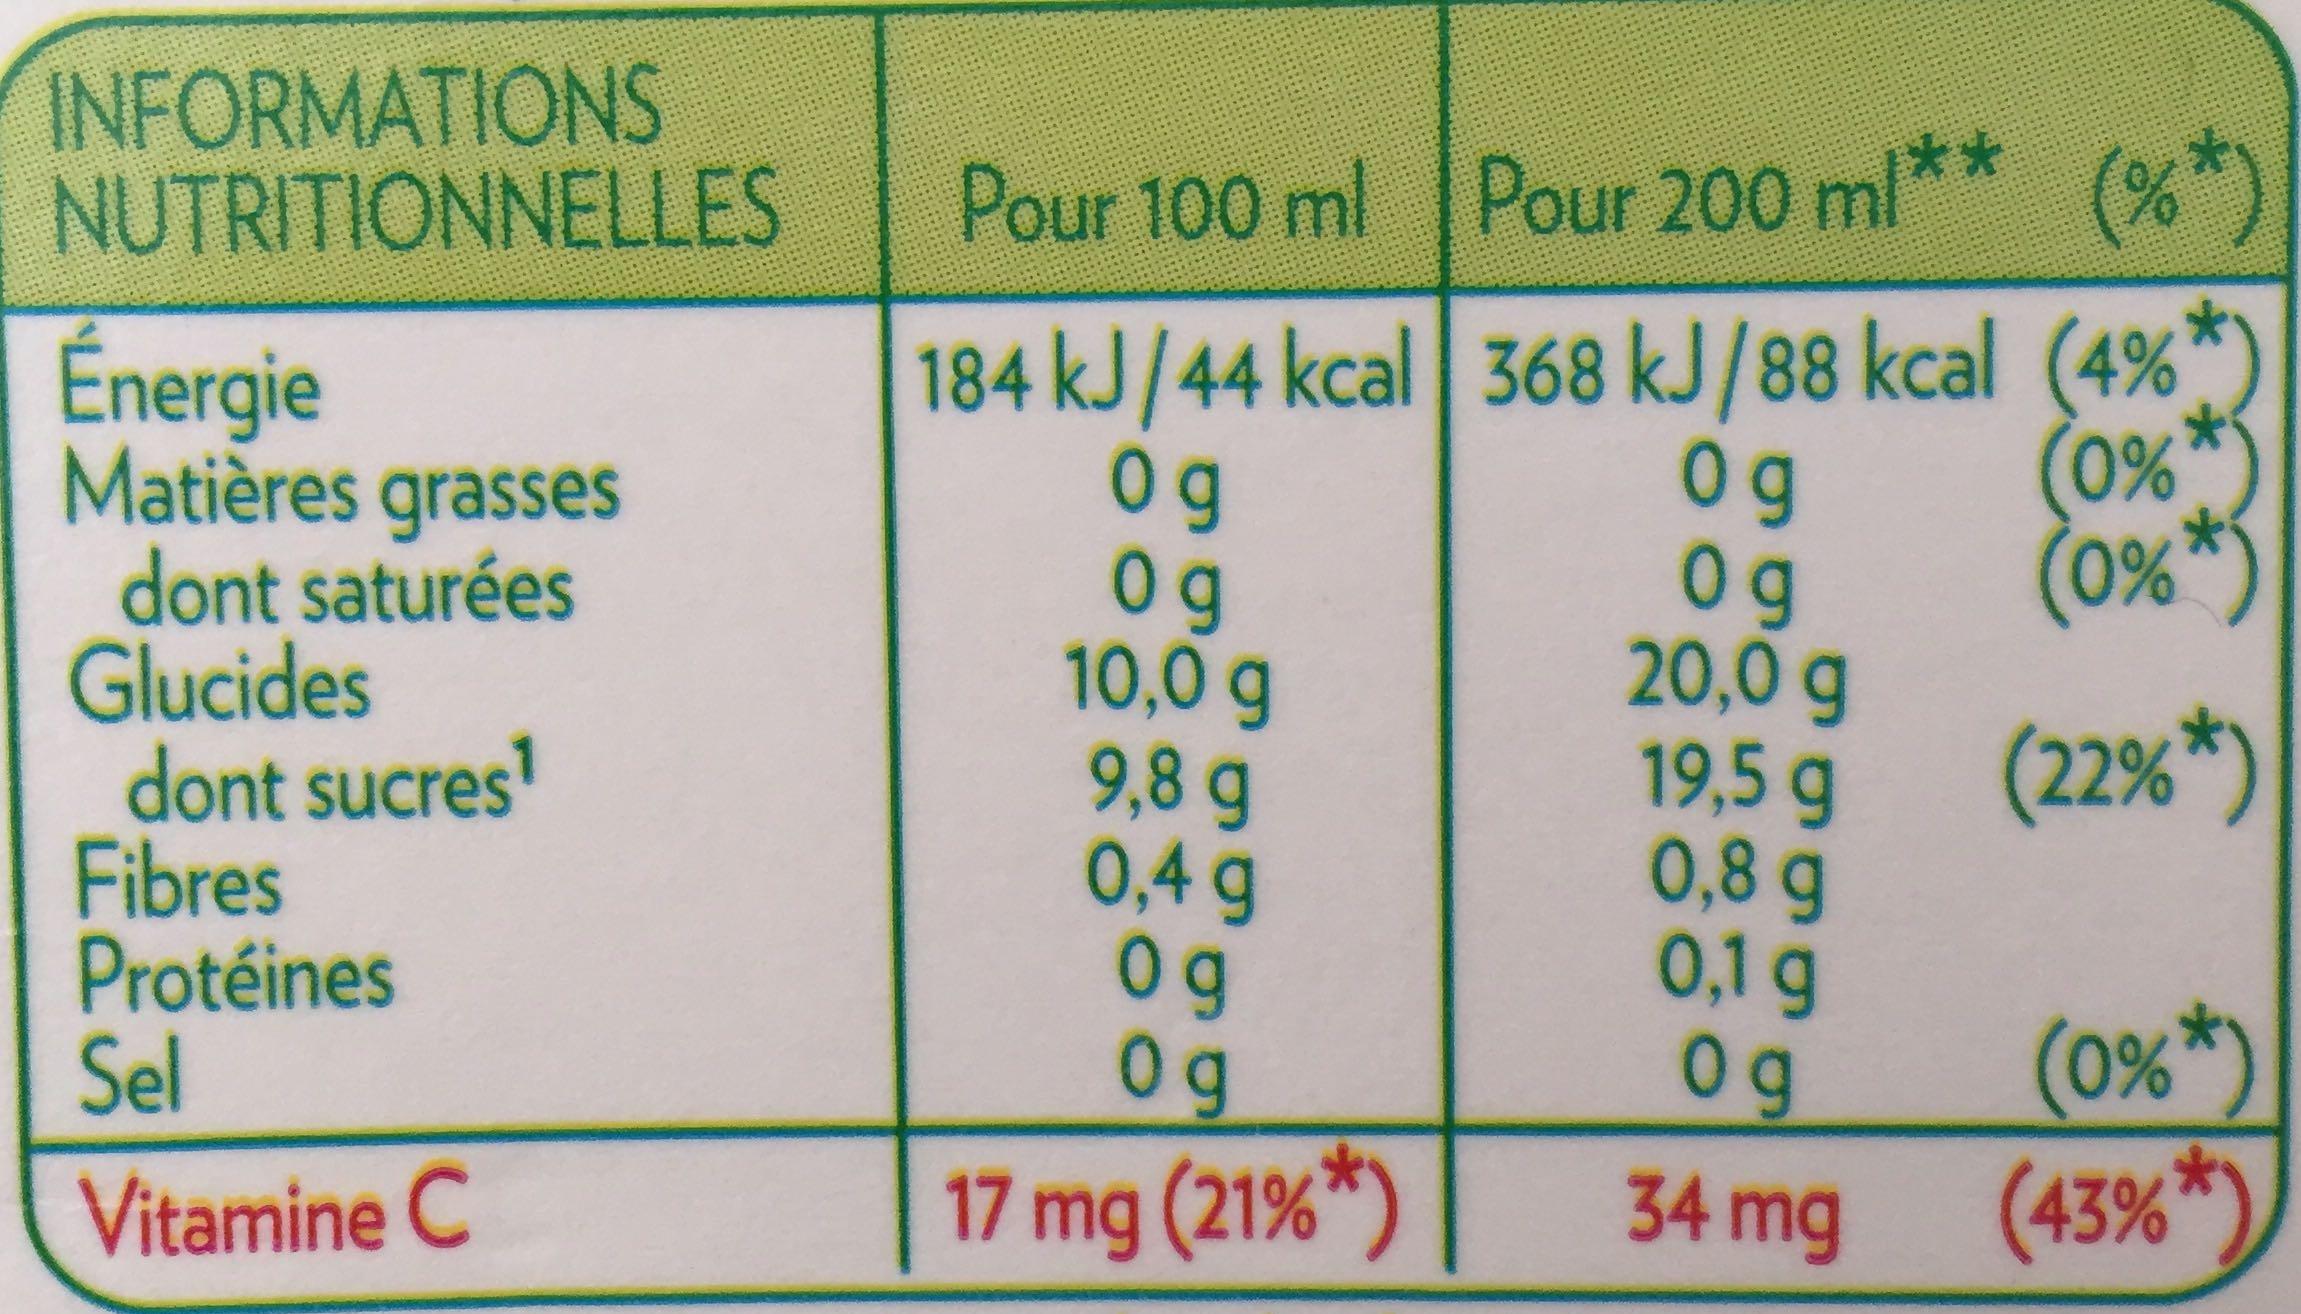 Pure Premium Fraîcheur gourmande - Informations nutritionnelles